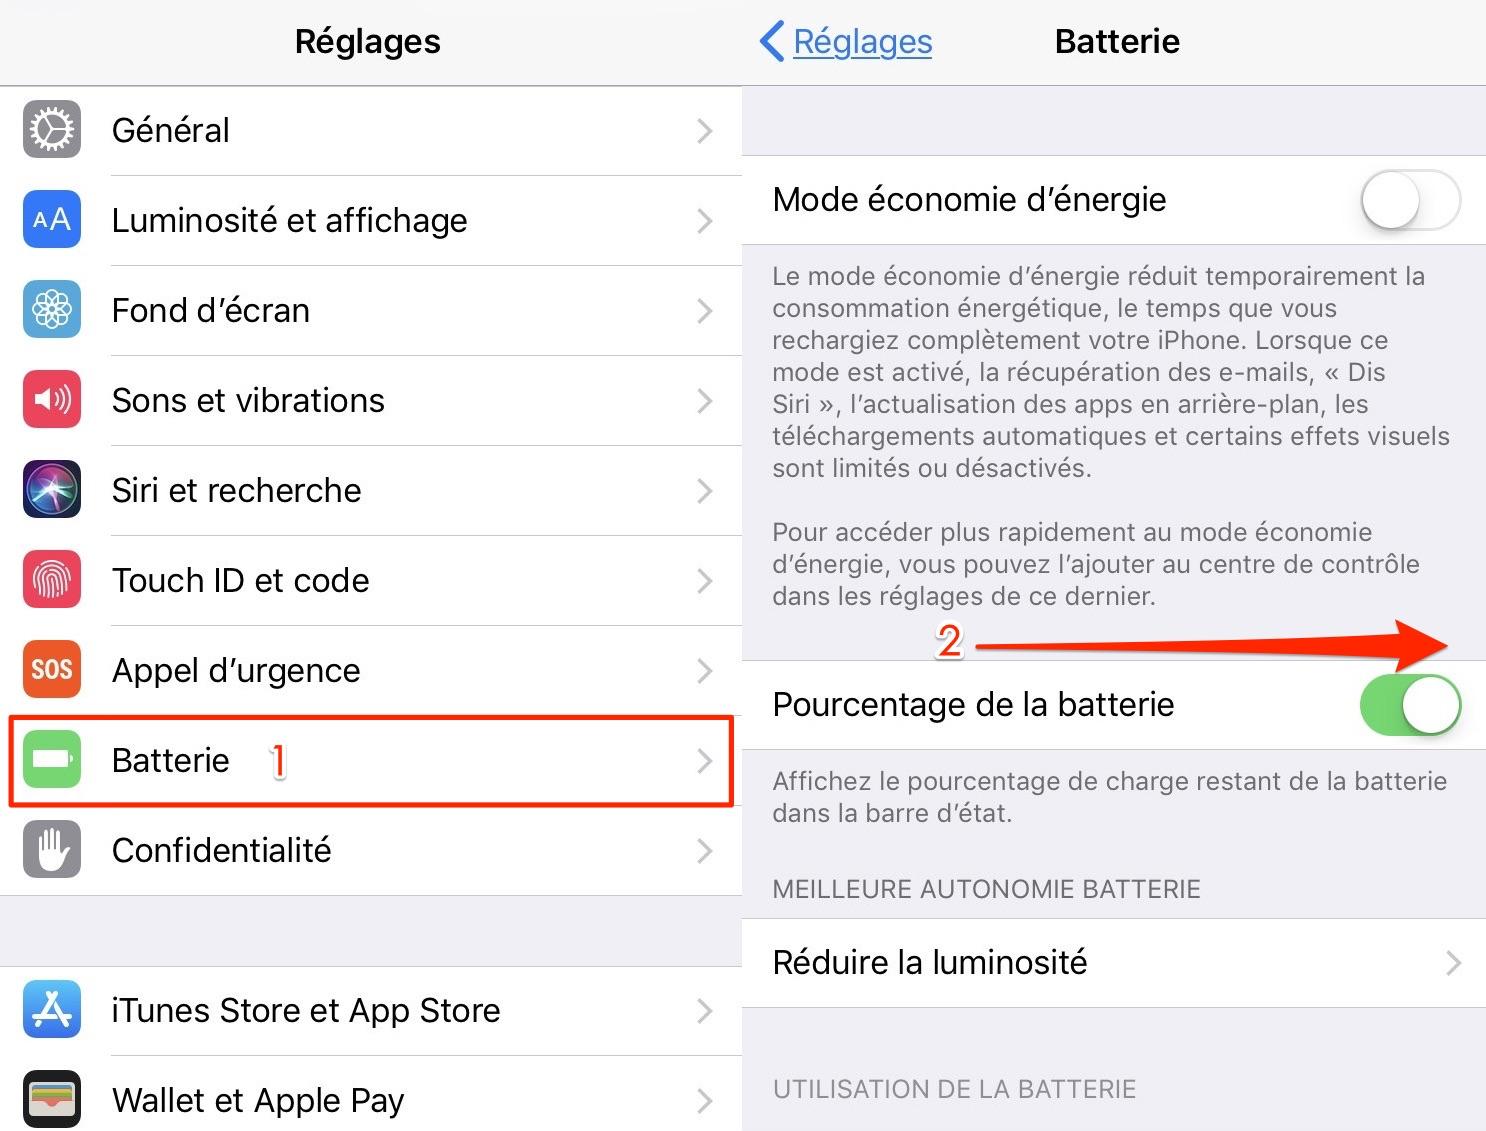 Afficher le pourcentage de batterie sur iPhone